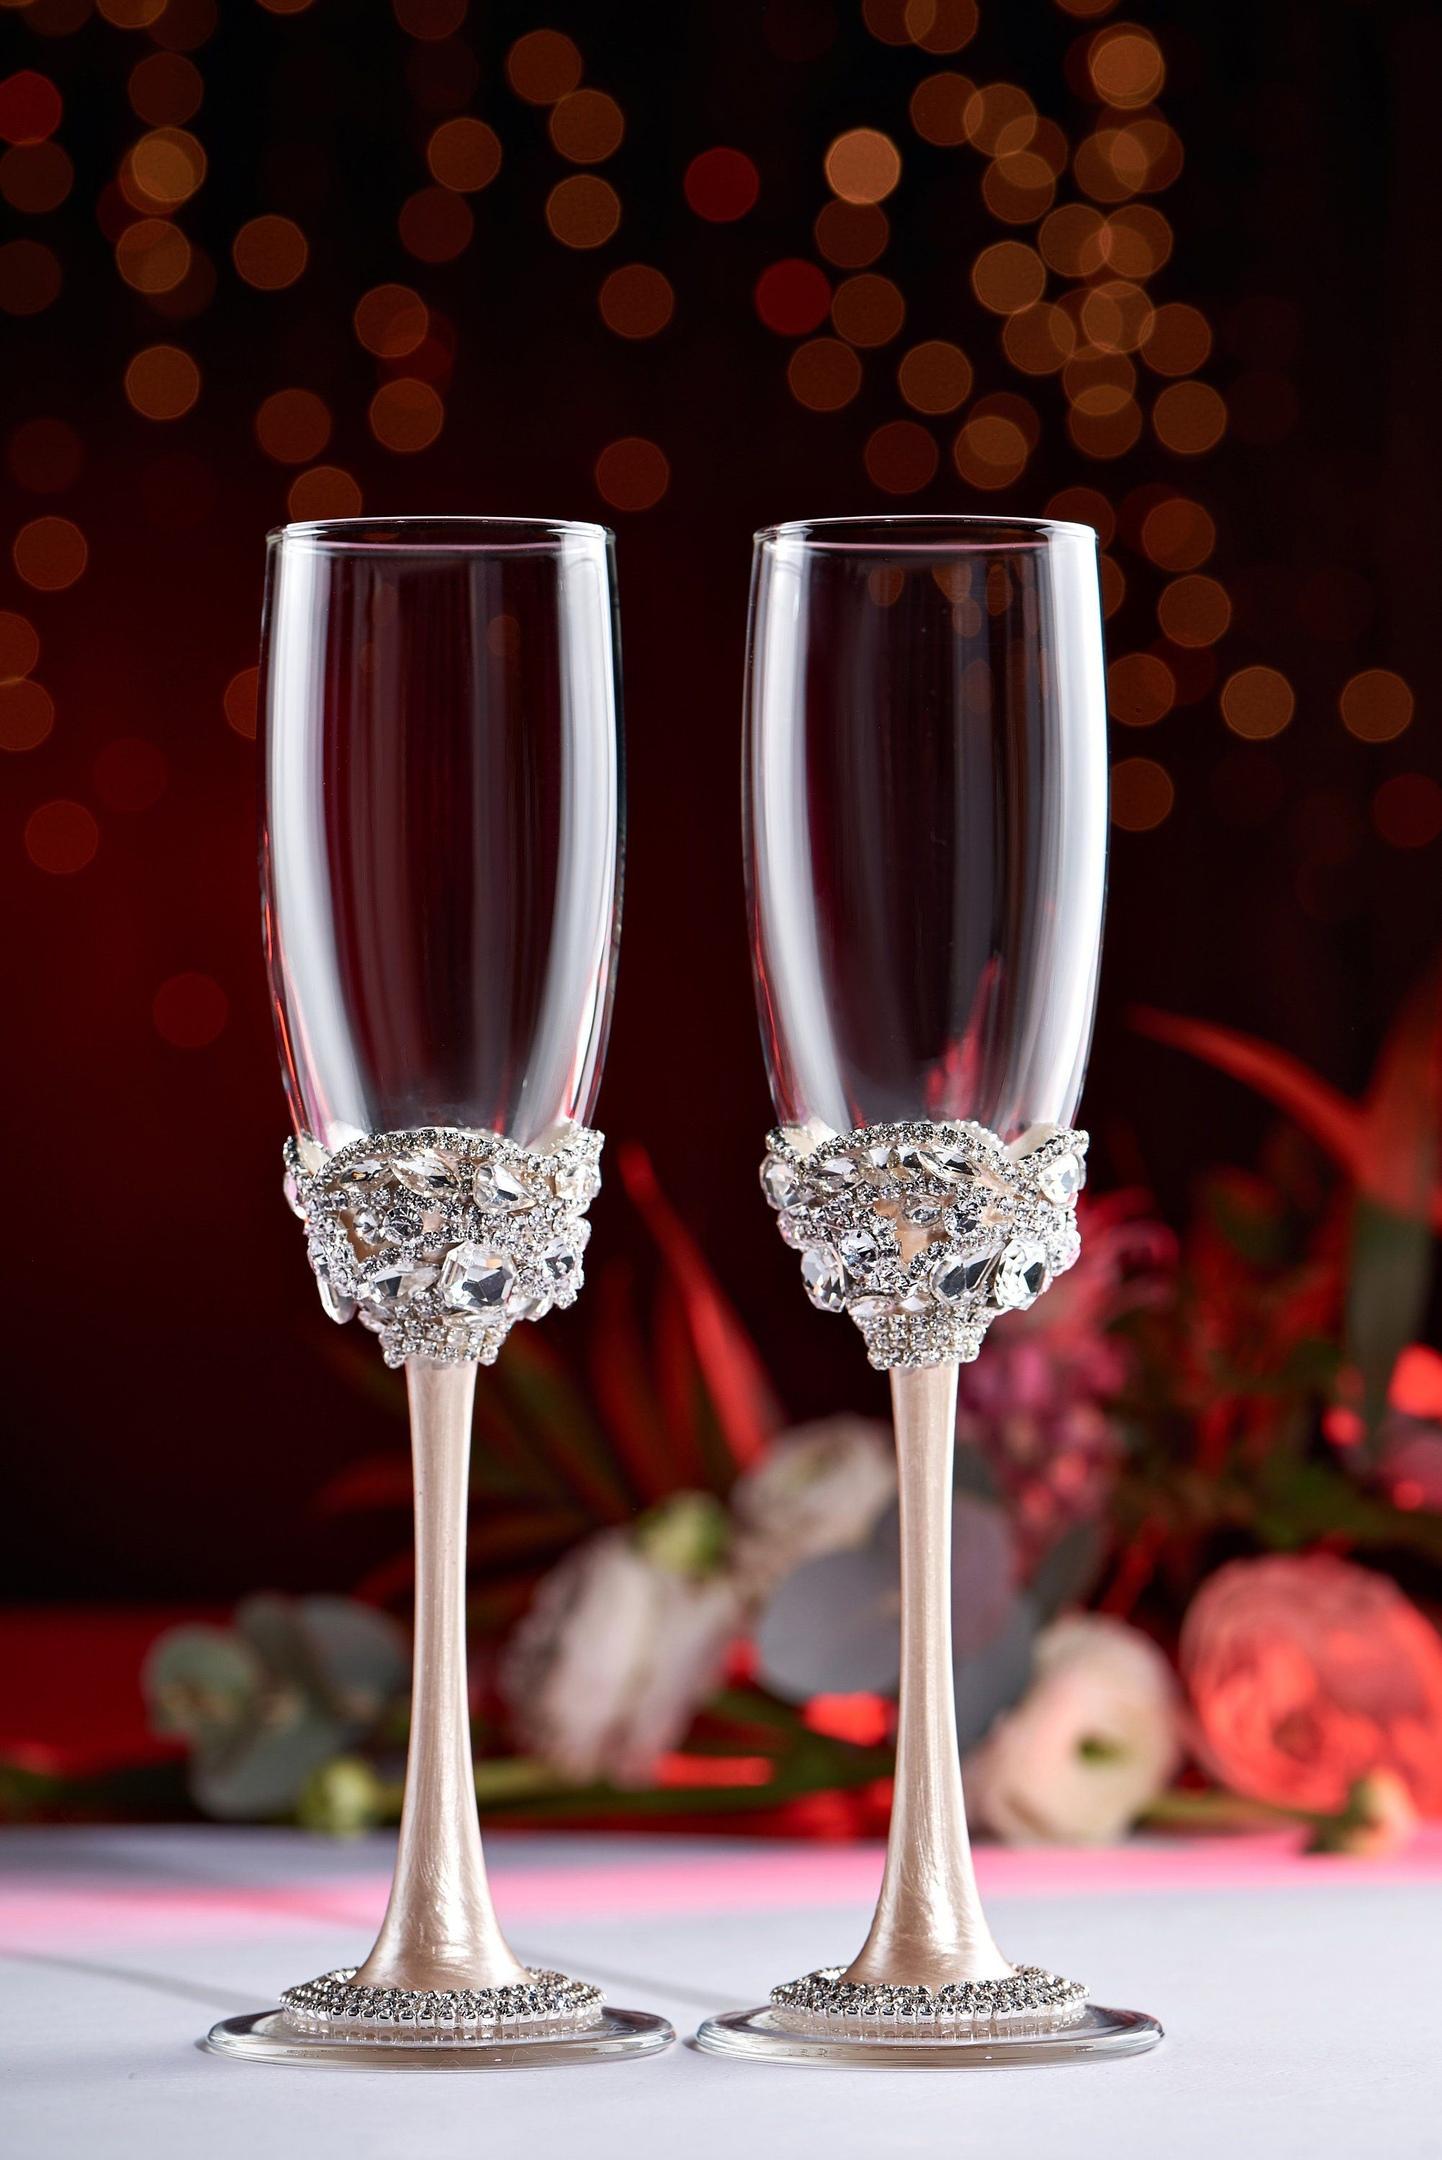 FoDfu0KVk 4 - Красивые свадебные фужеры